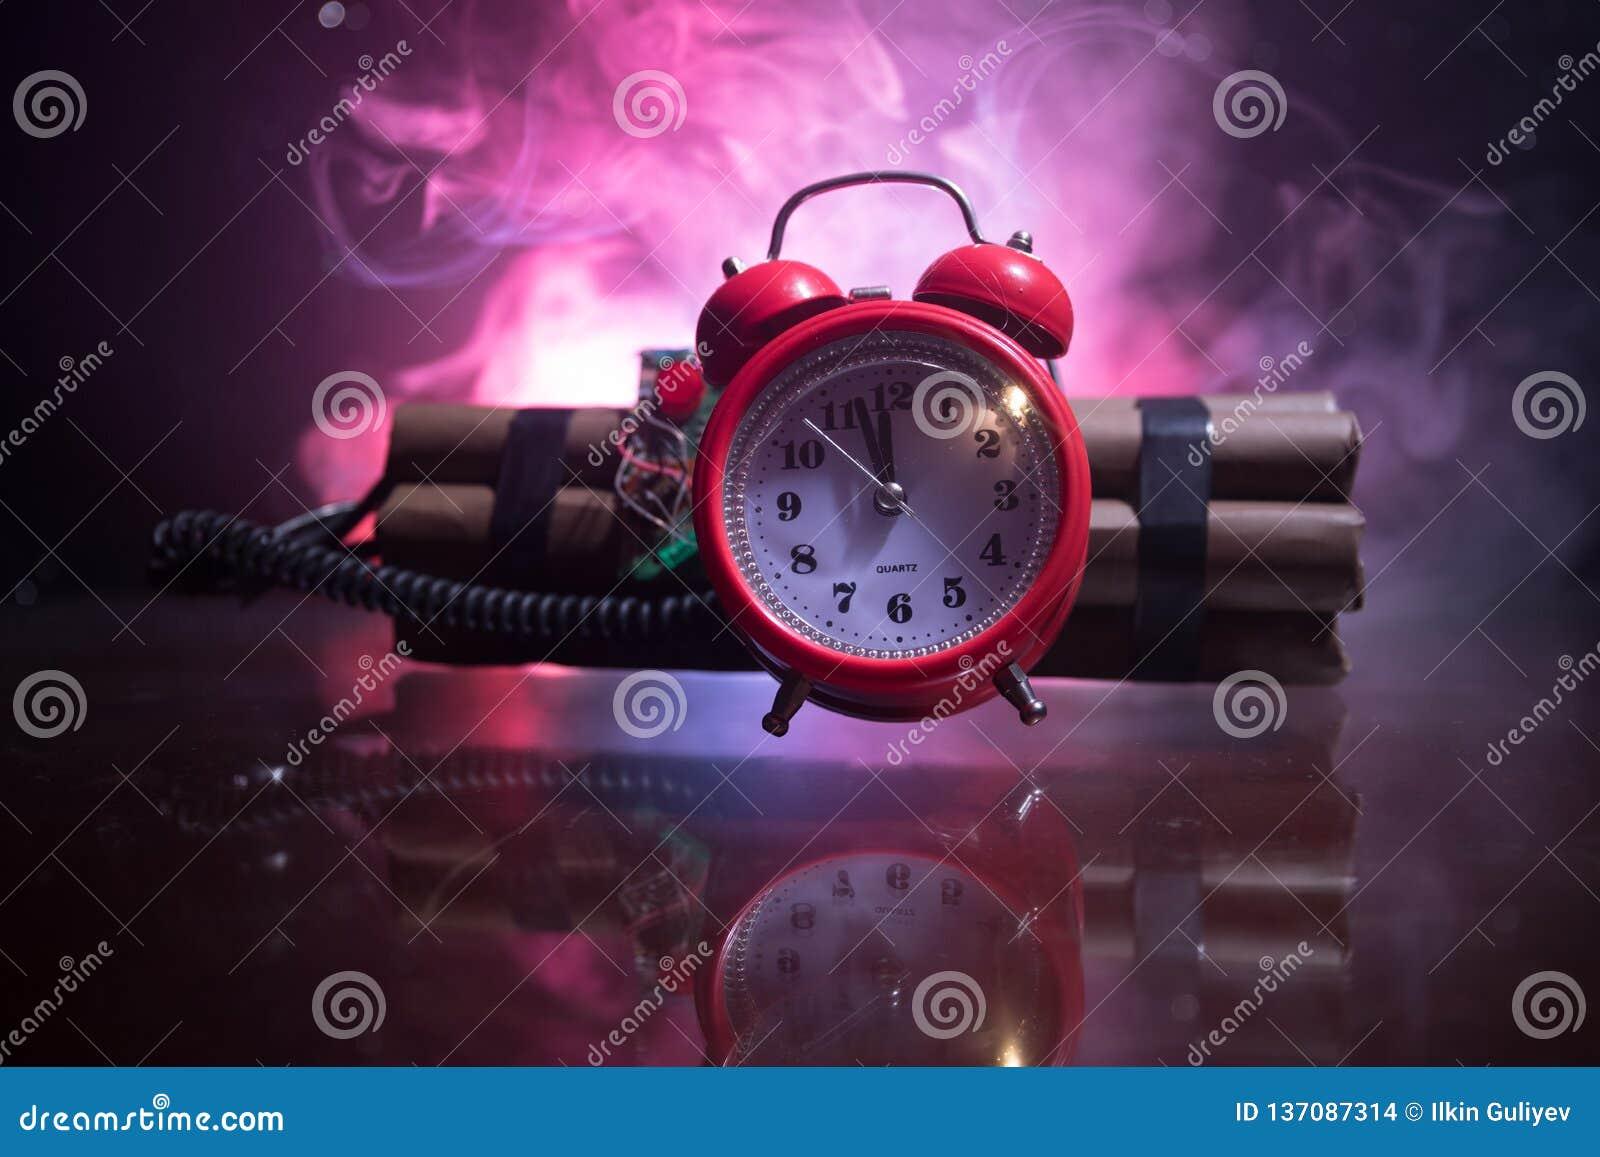 Beeld van een tijdbom tegen donkere achtergrond Tijdopnemer het tellen neer aan ontploffing in schacht het lichte glanzen door di